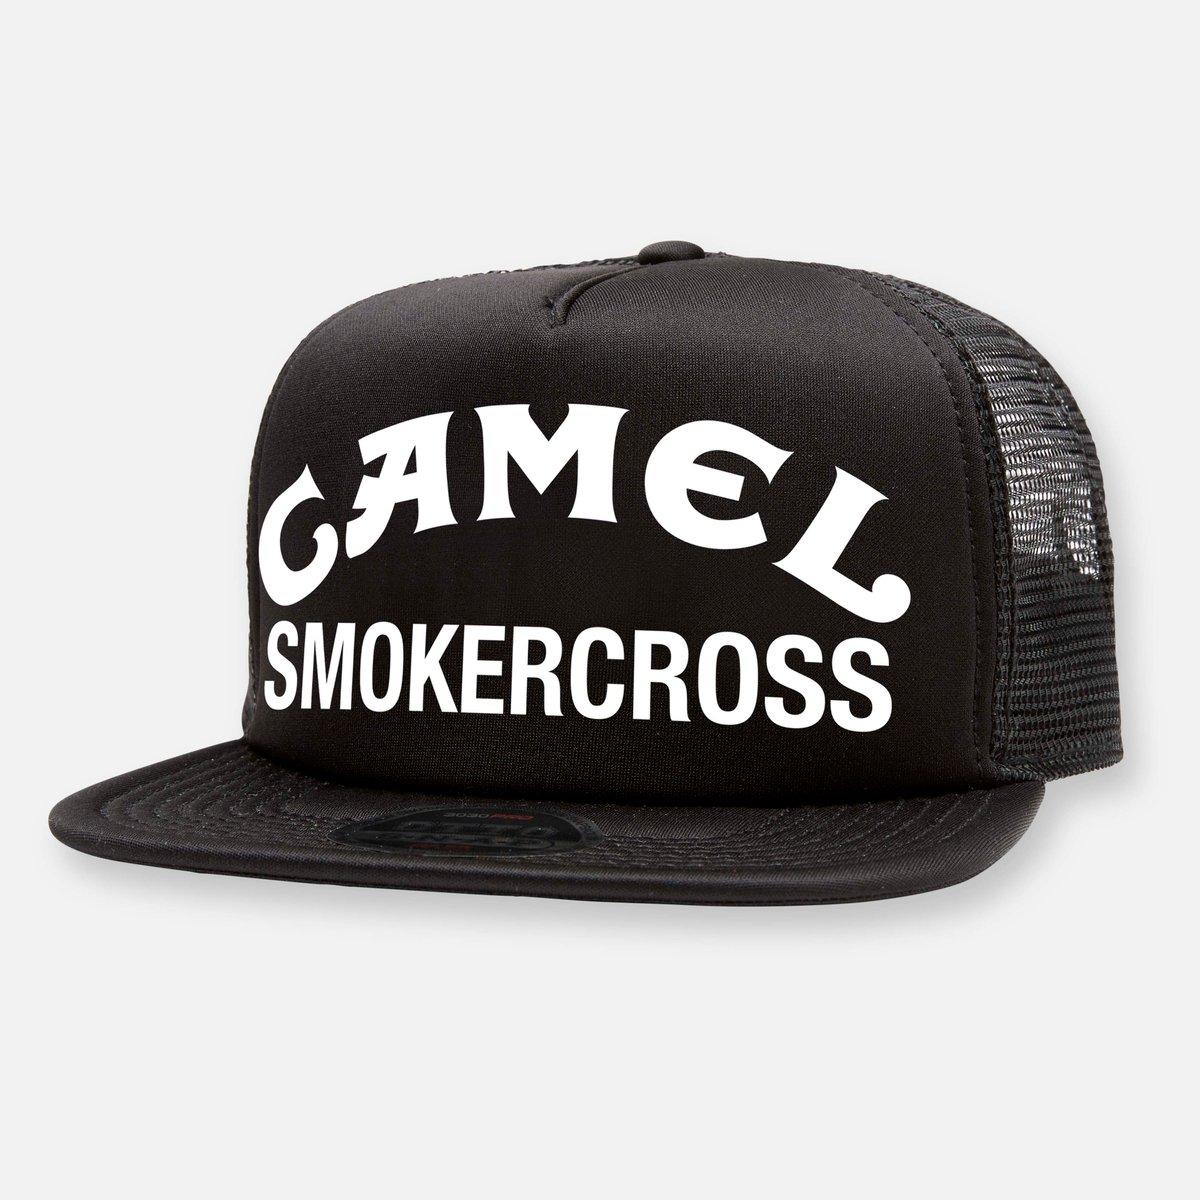 Image of Camel Smokercross Hat